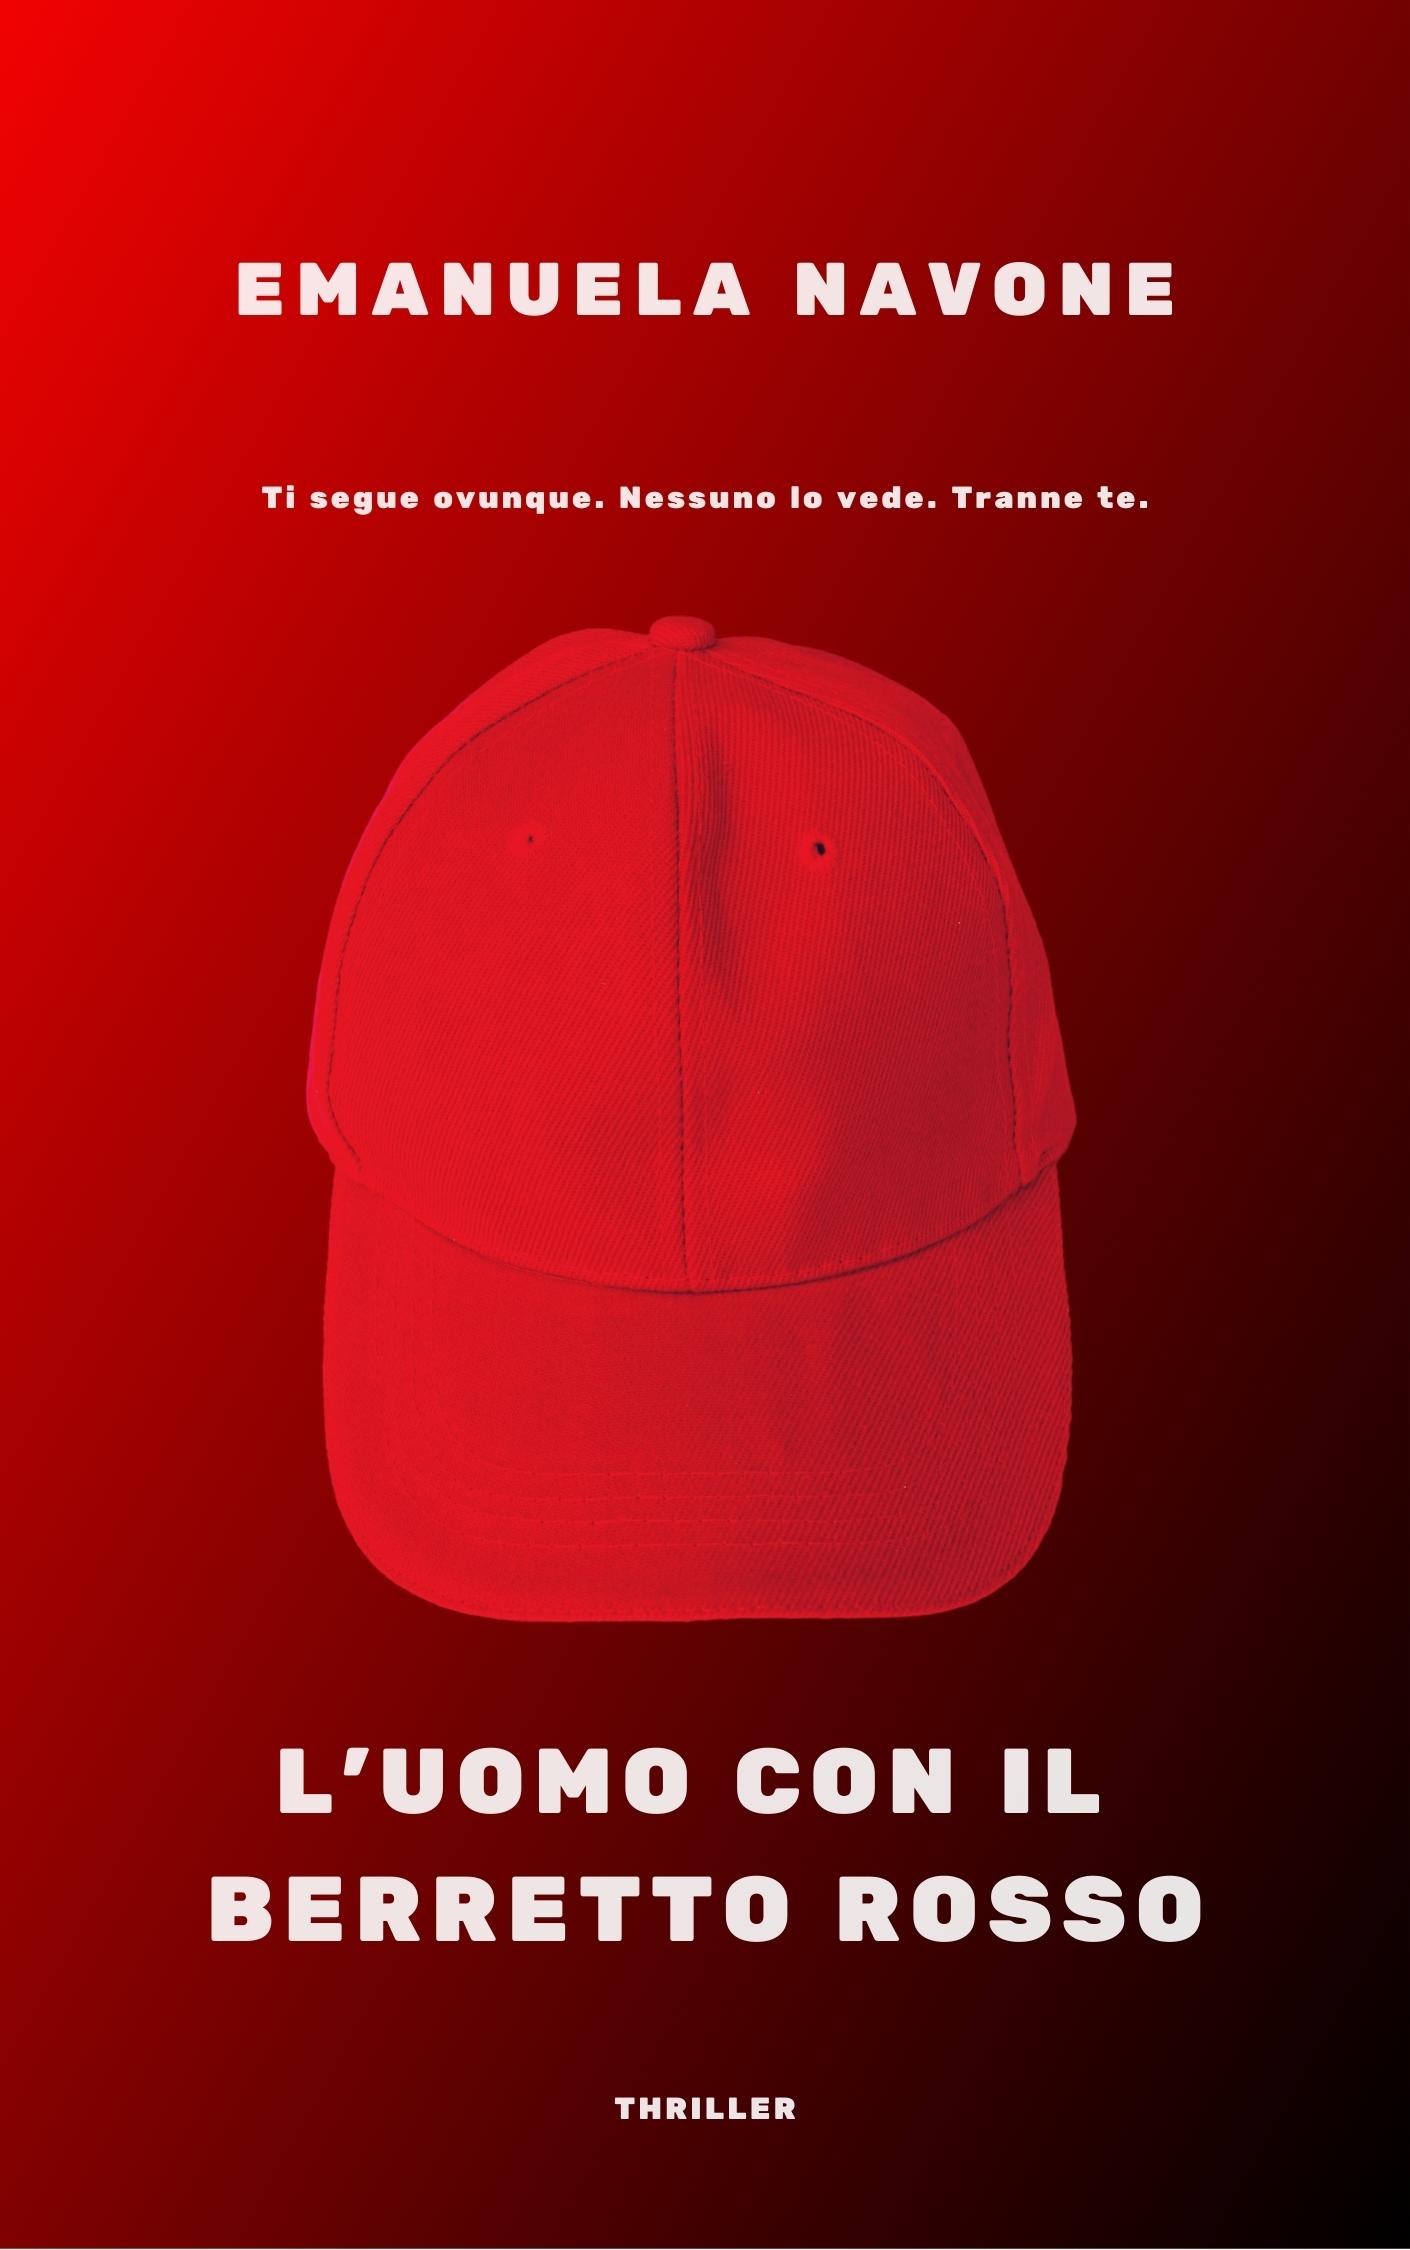 Anteprima, L'uomo con il berretto rosso di Emanuela Navone